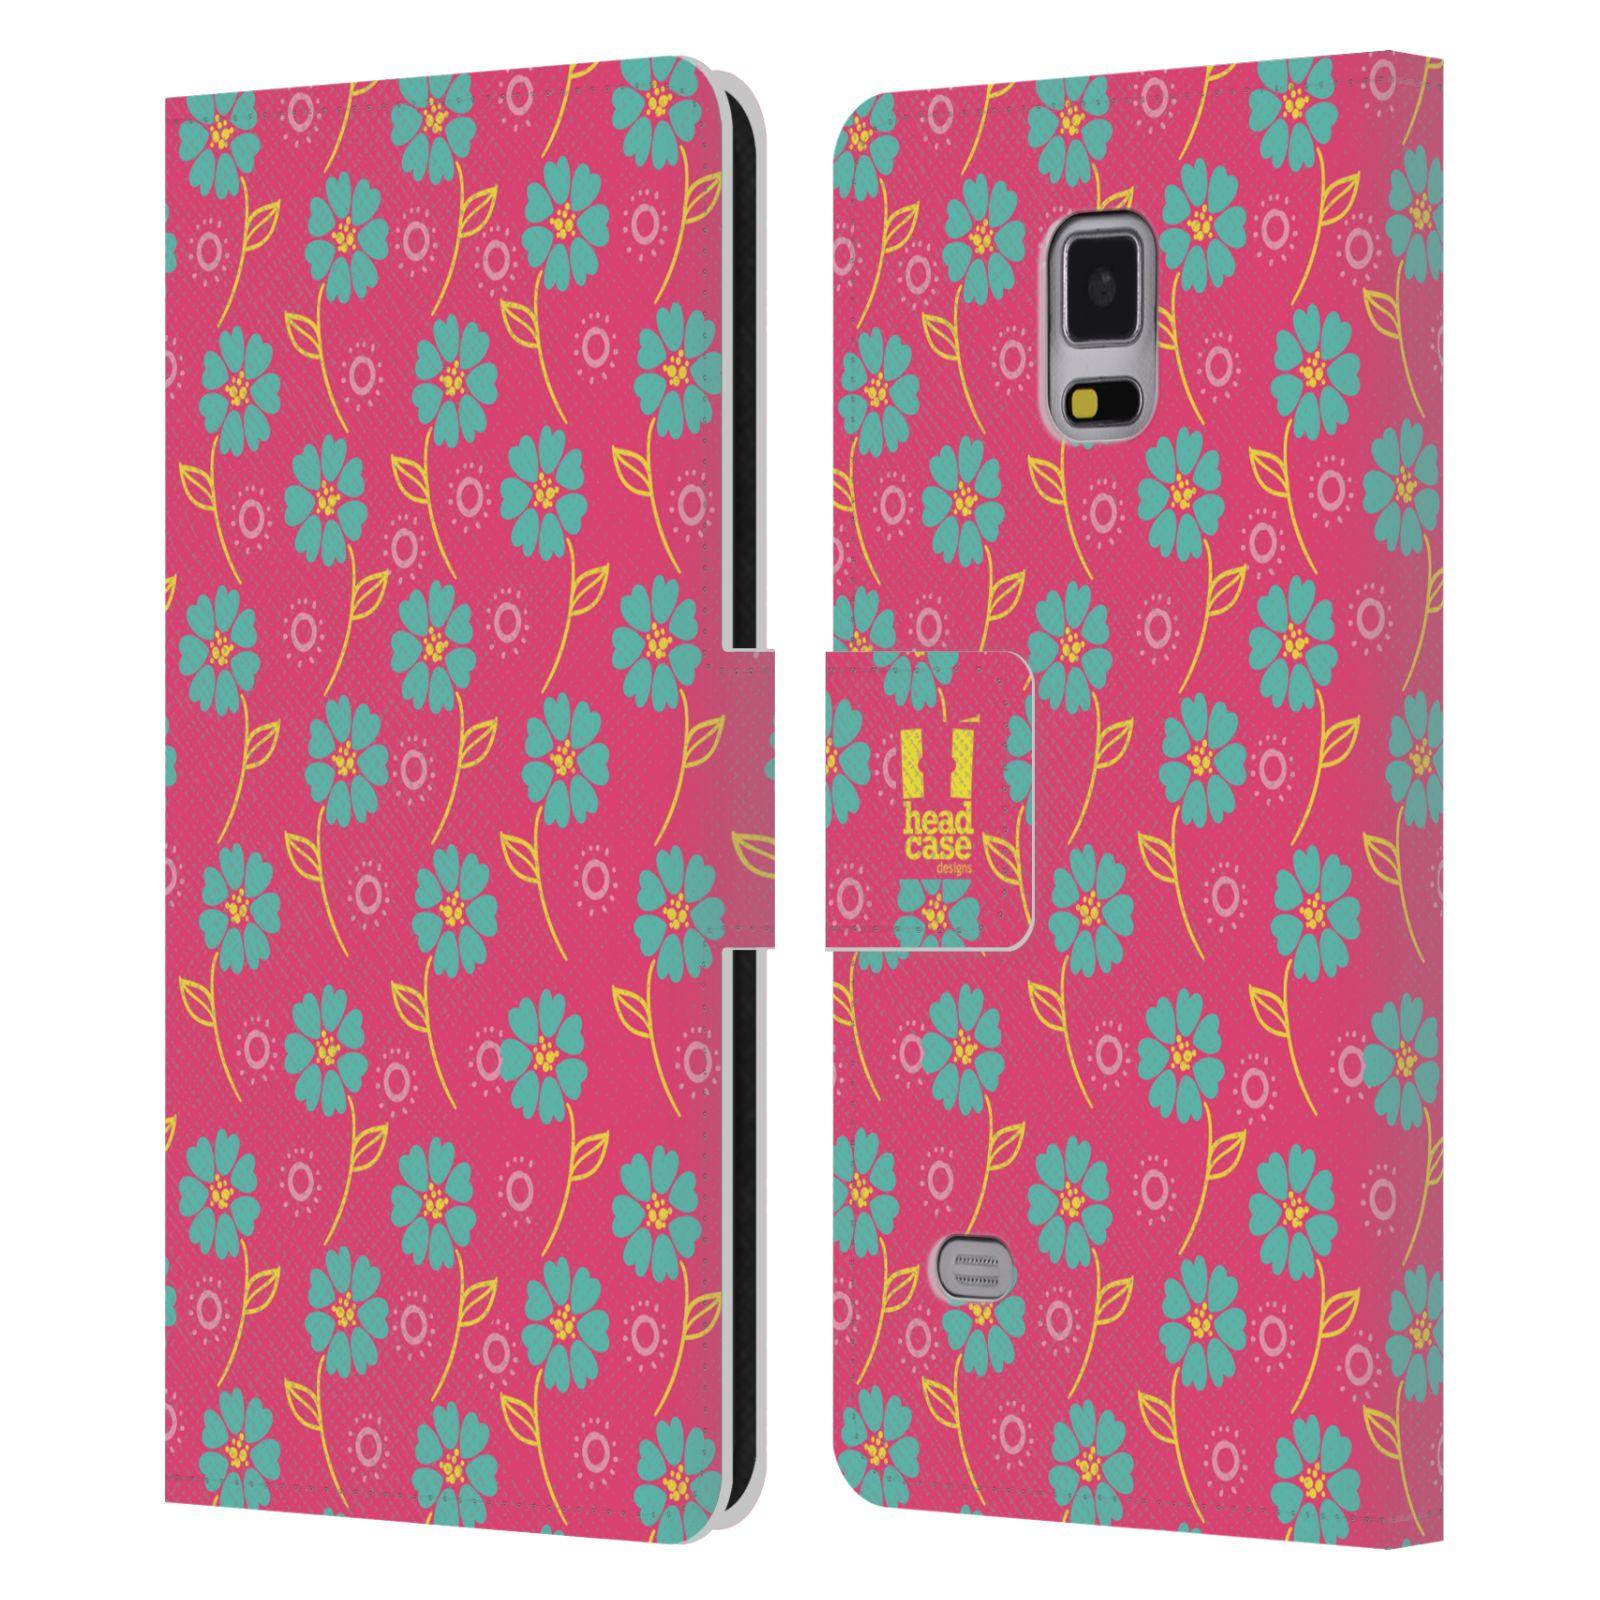 HEAD CASE Flipové pouzdro pro mobil Samsung Galaxy Note 4 Slovanský vzor růžová a modrá květiny